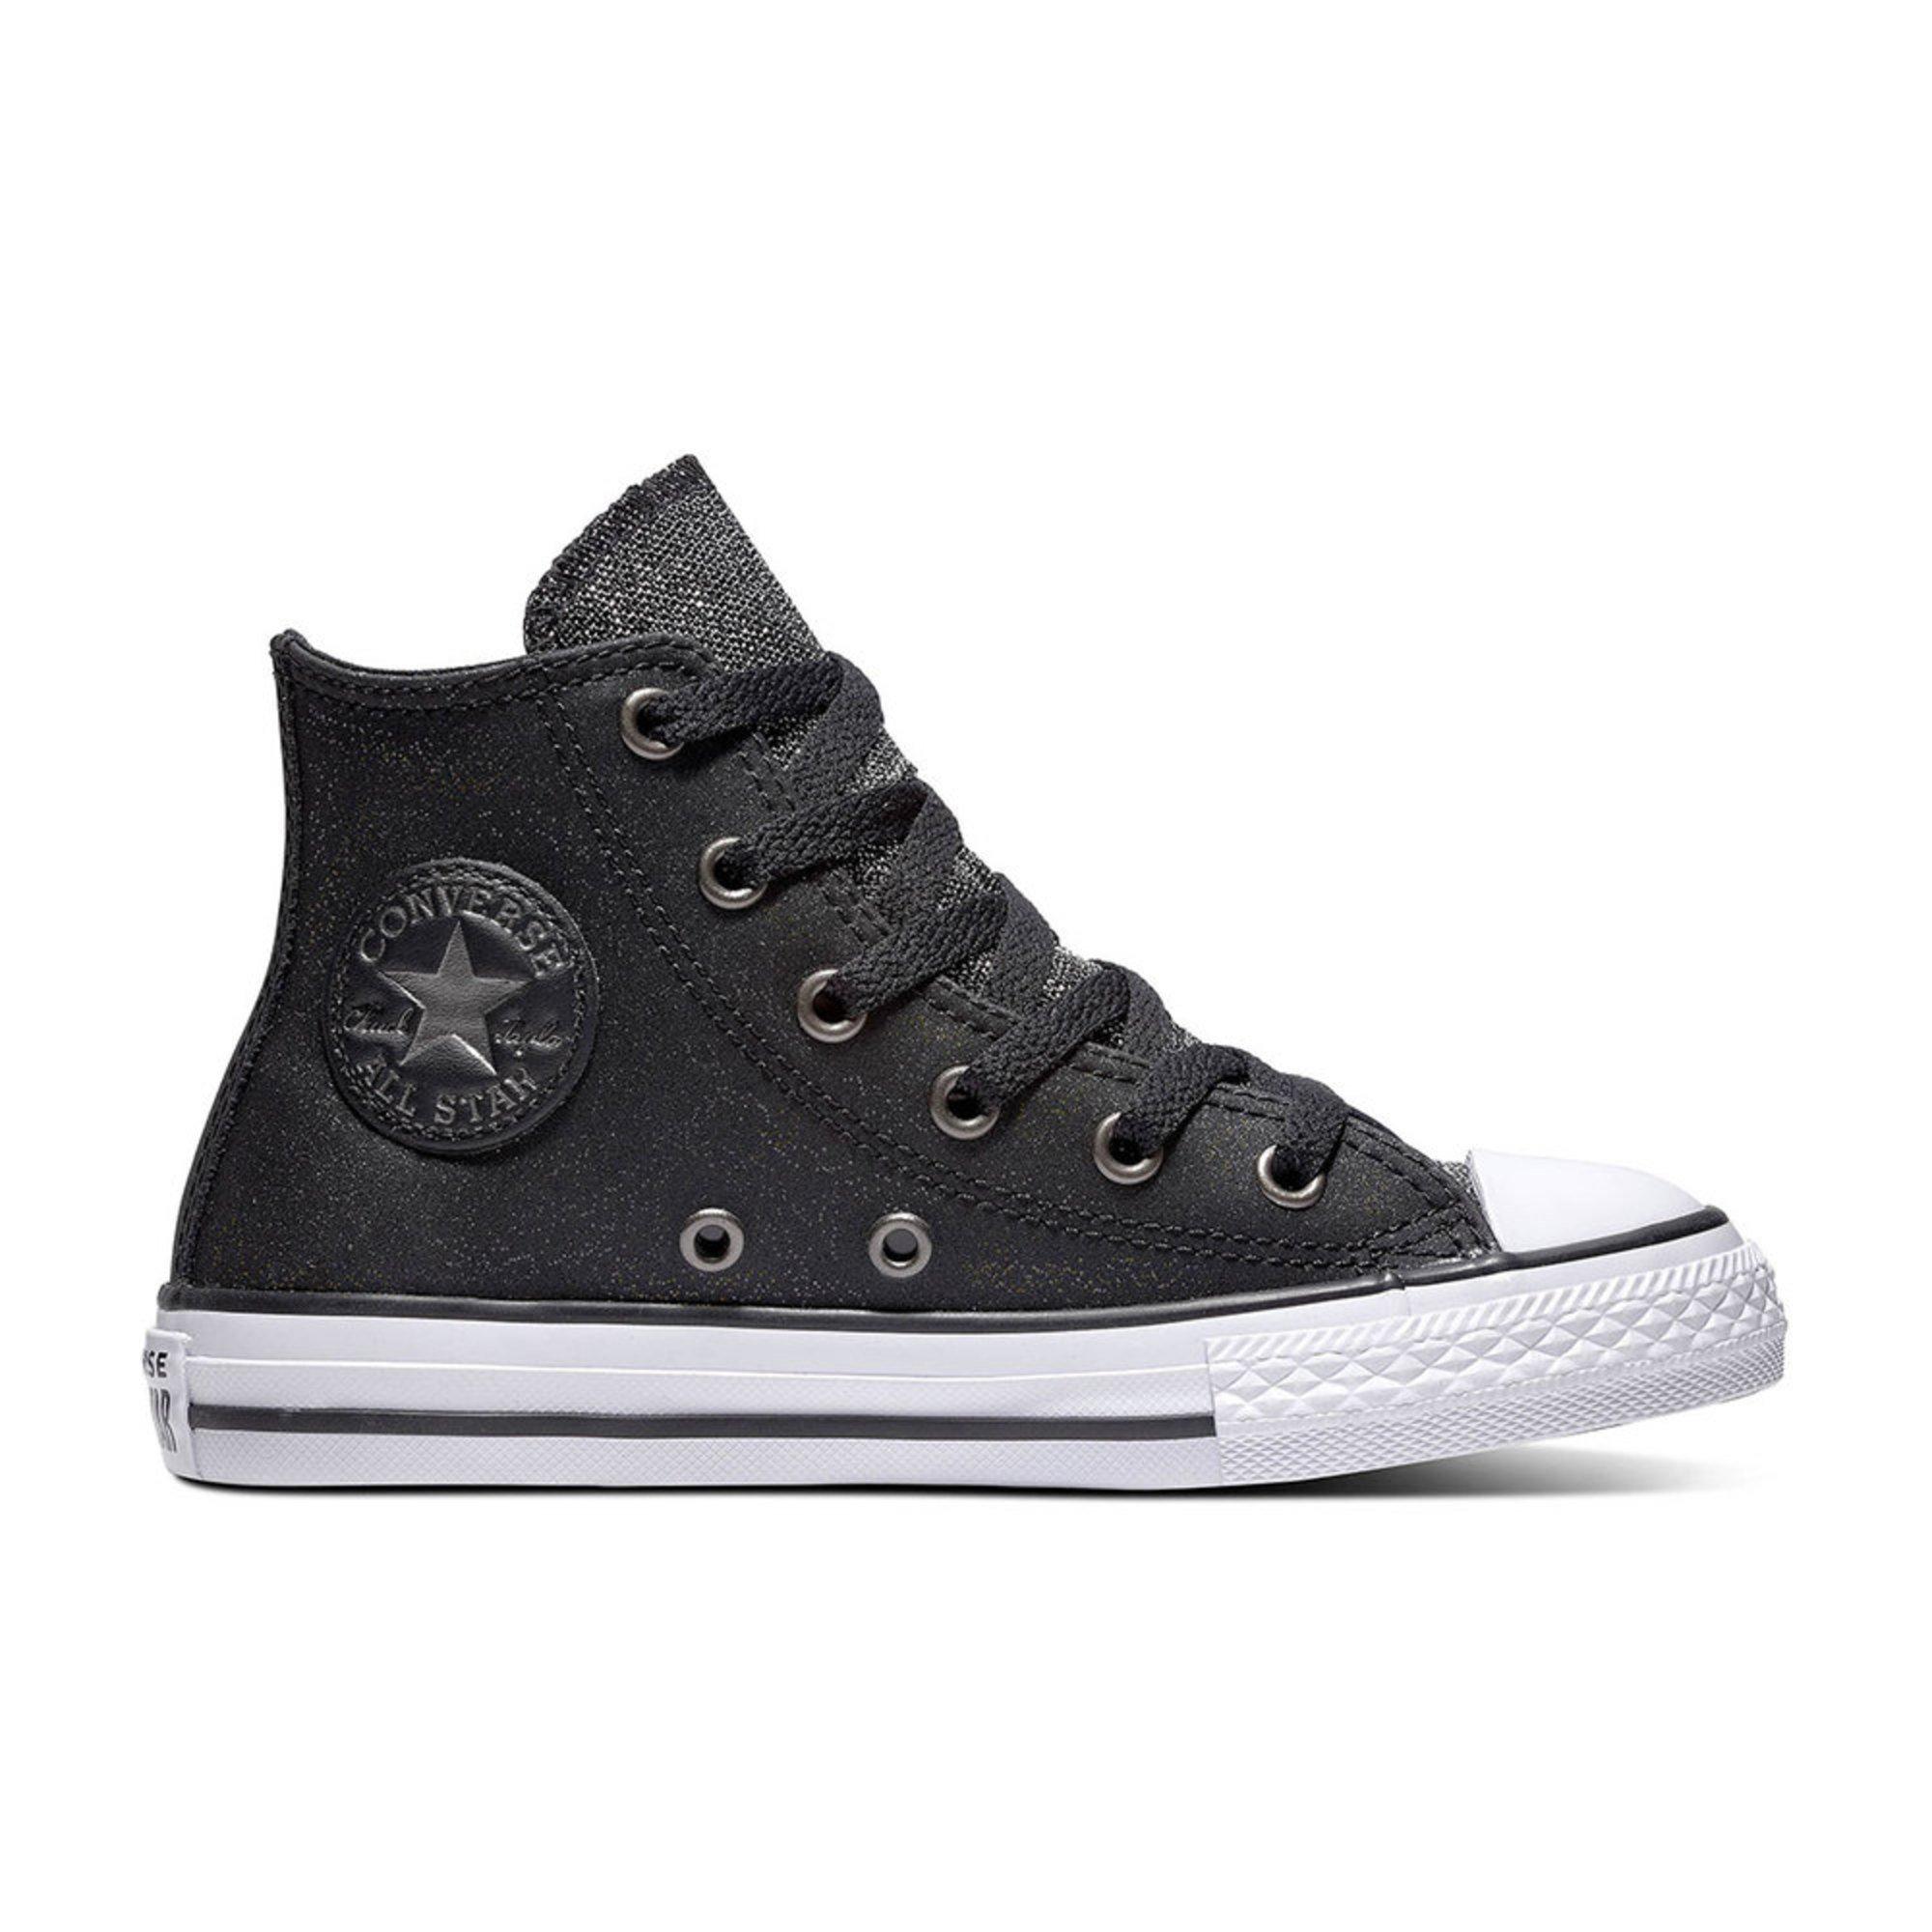 89d628027bf1ce Converse Girls Chuck Taylor All Star Glitter Hi Top Sneaker (little ...